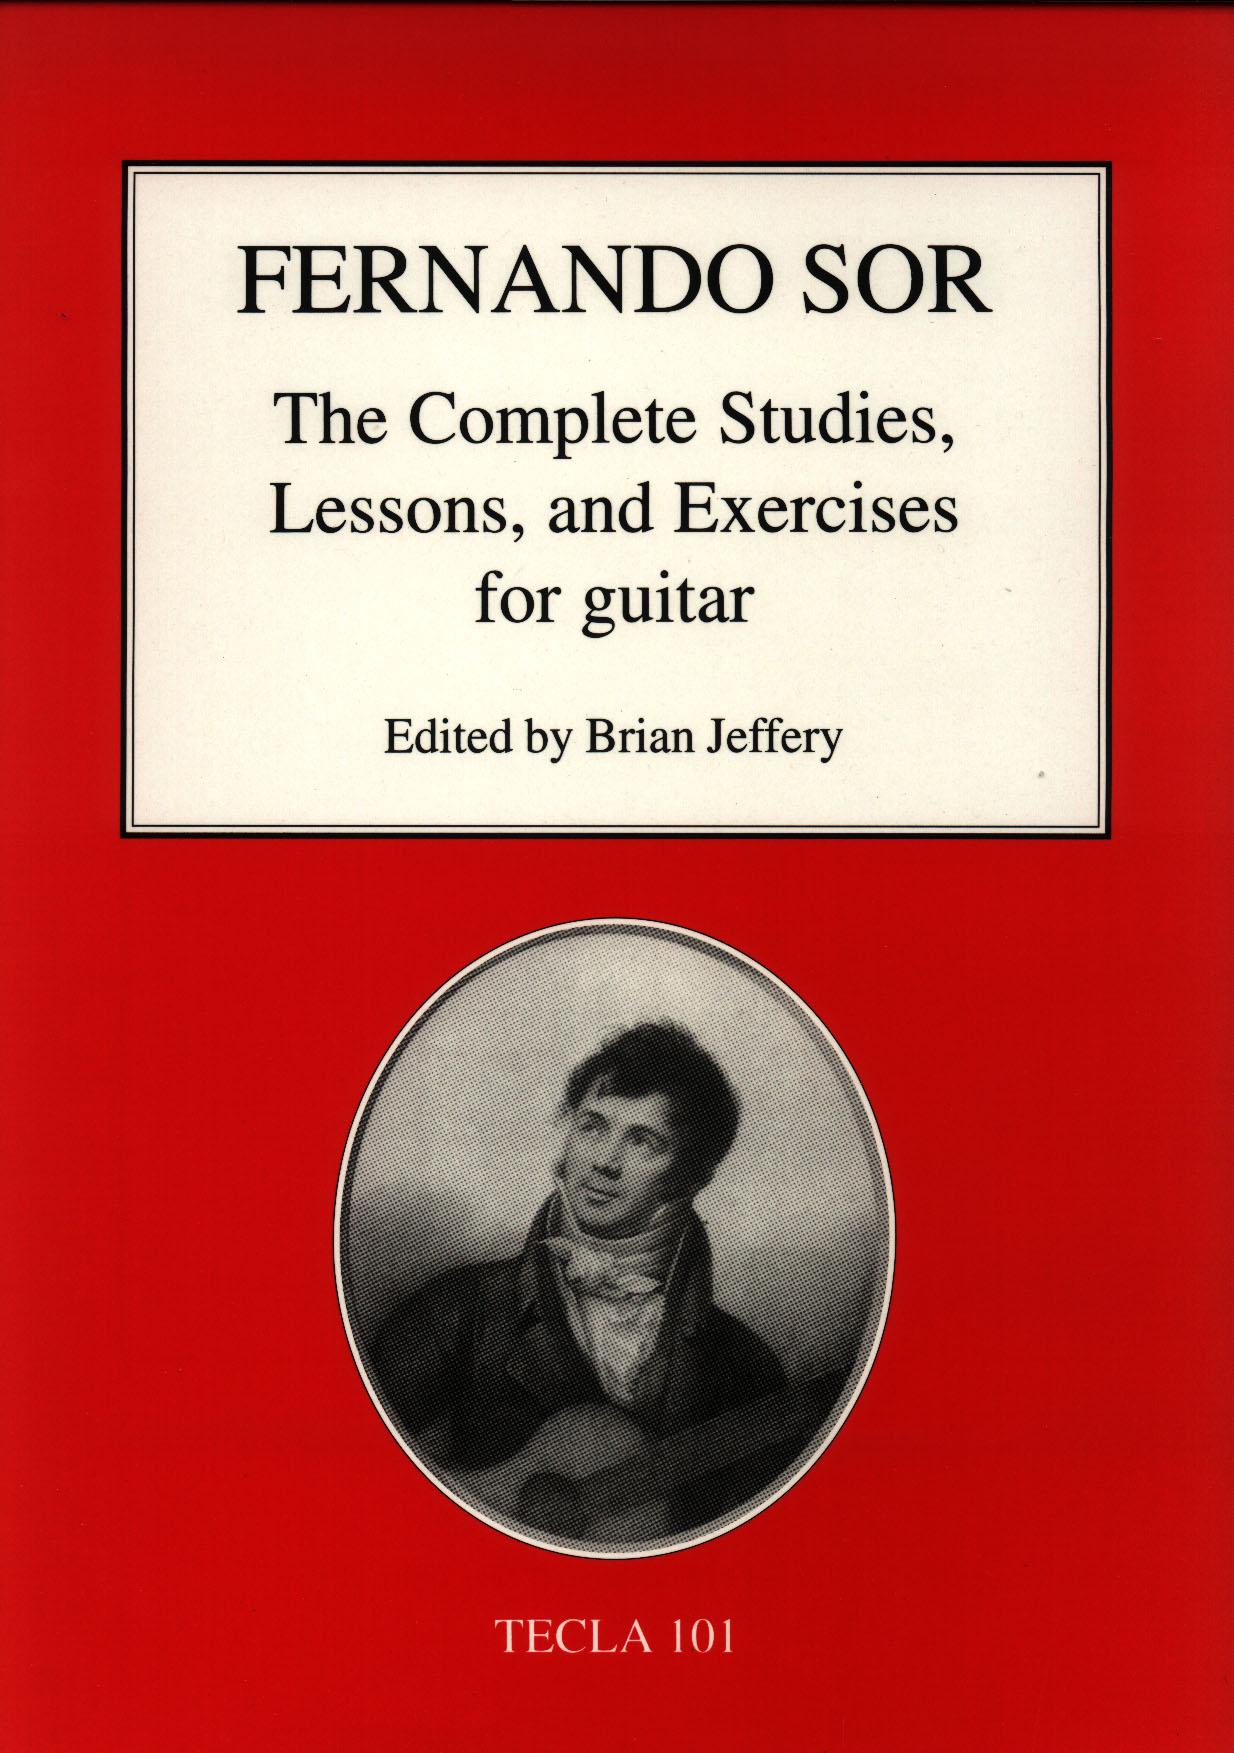 Sor's Complete Studies